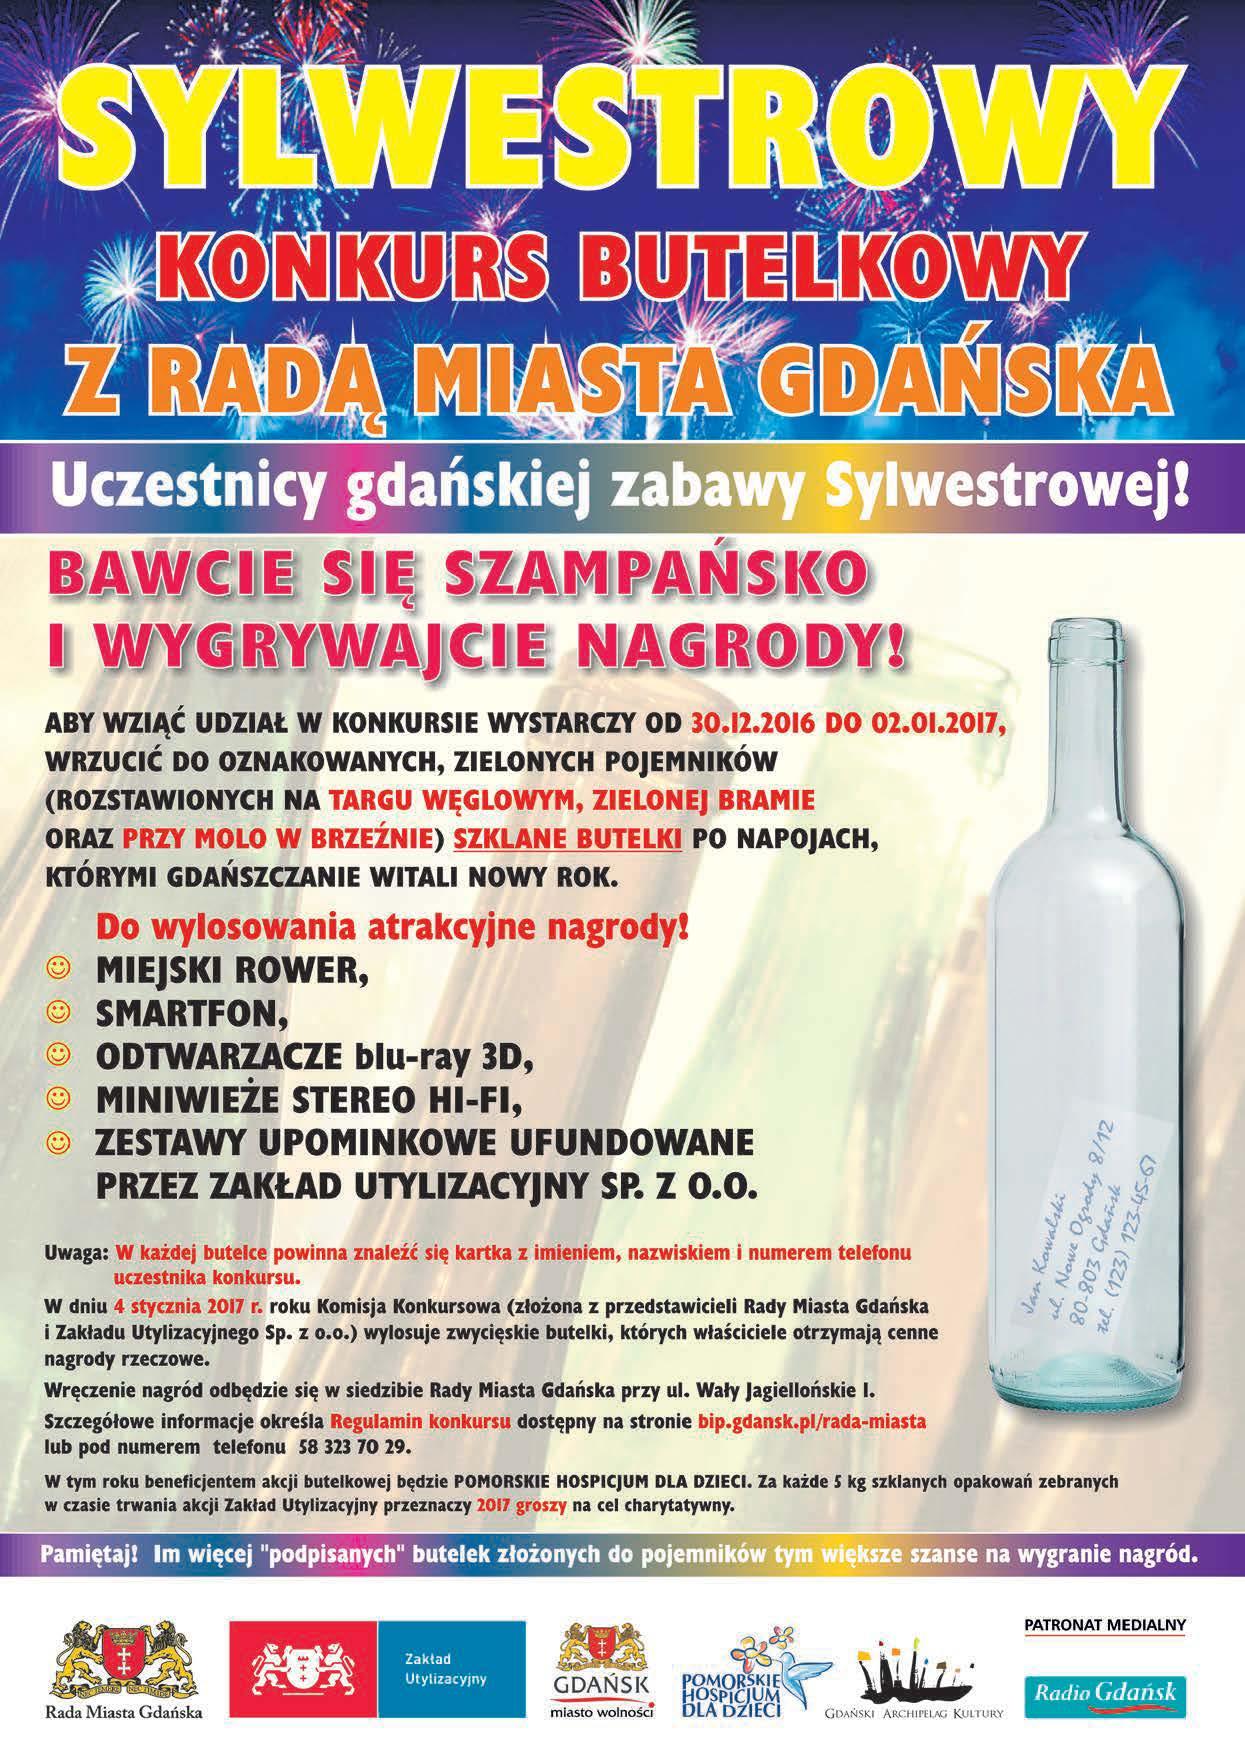 plakat-konkurs-butelkowy-2016-17-a-4